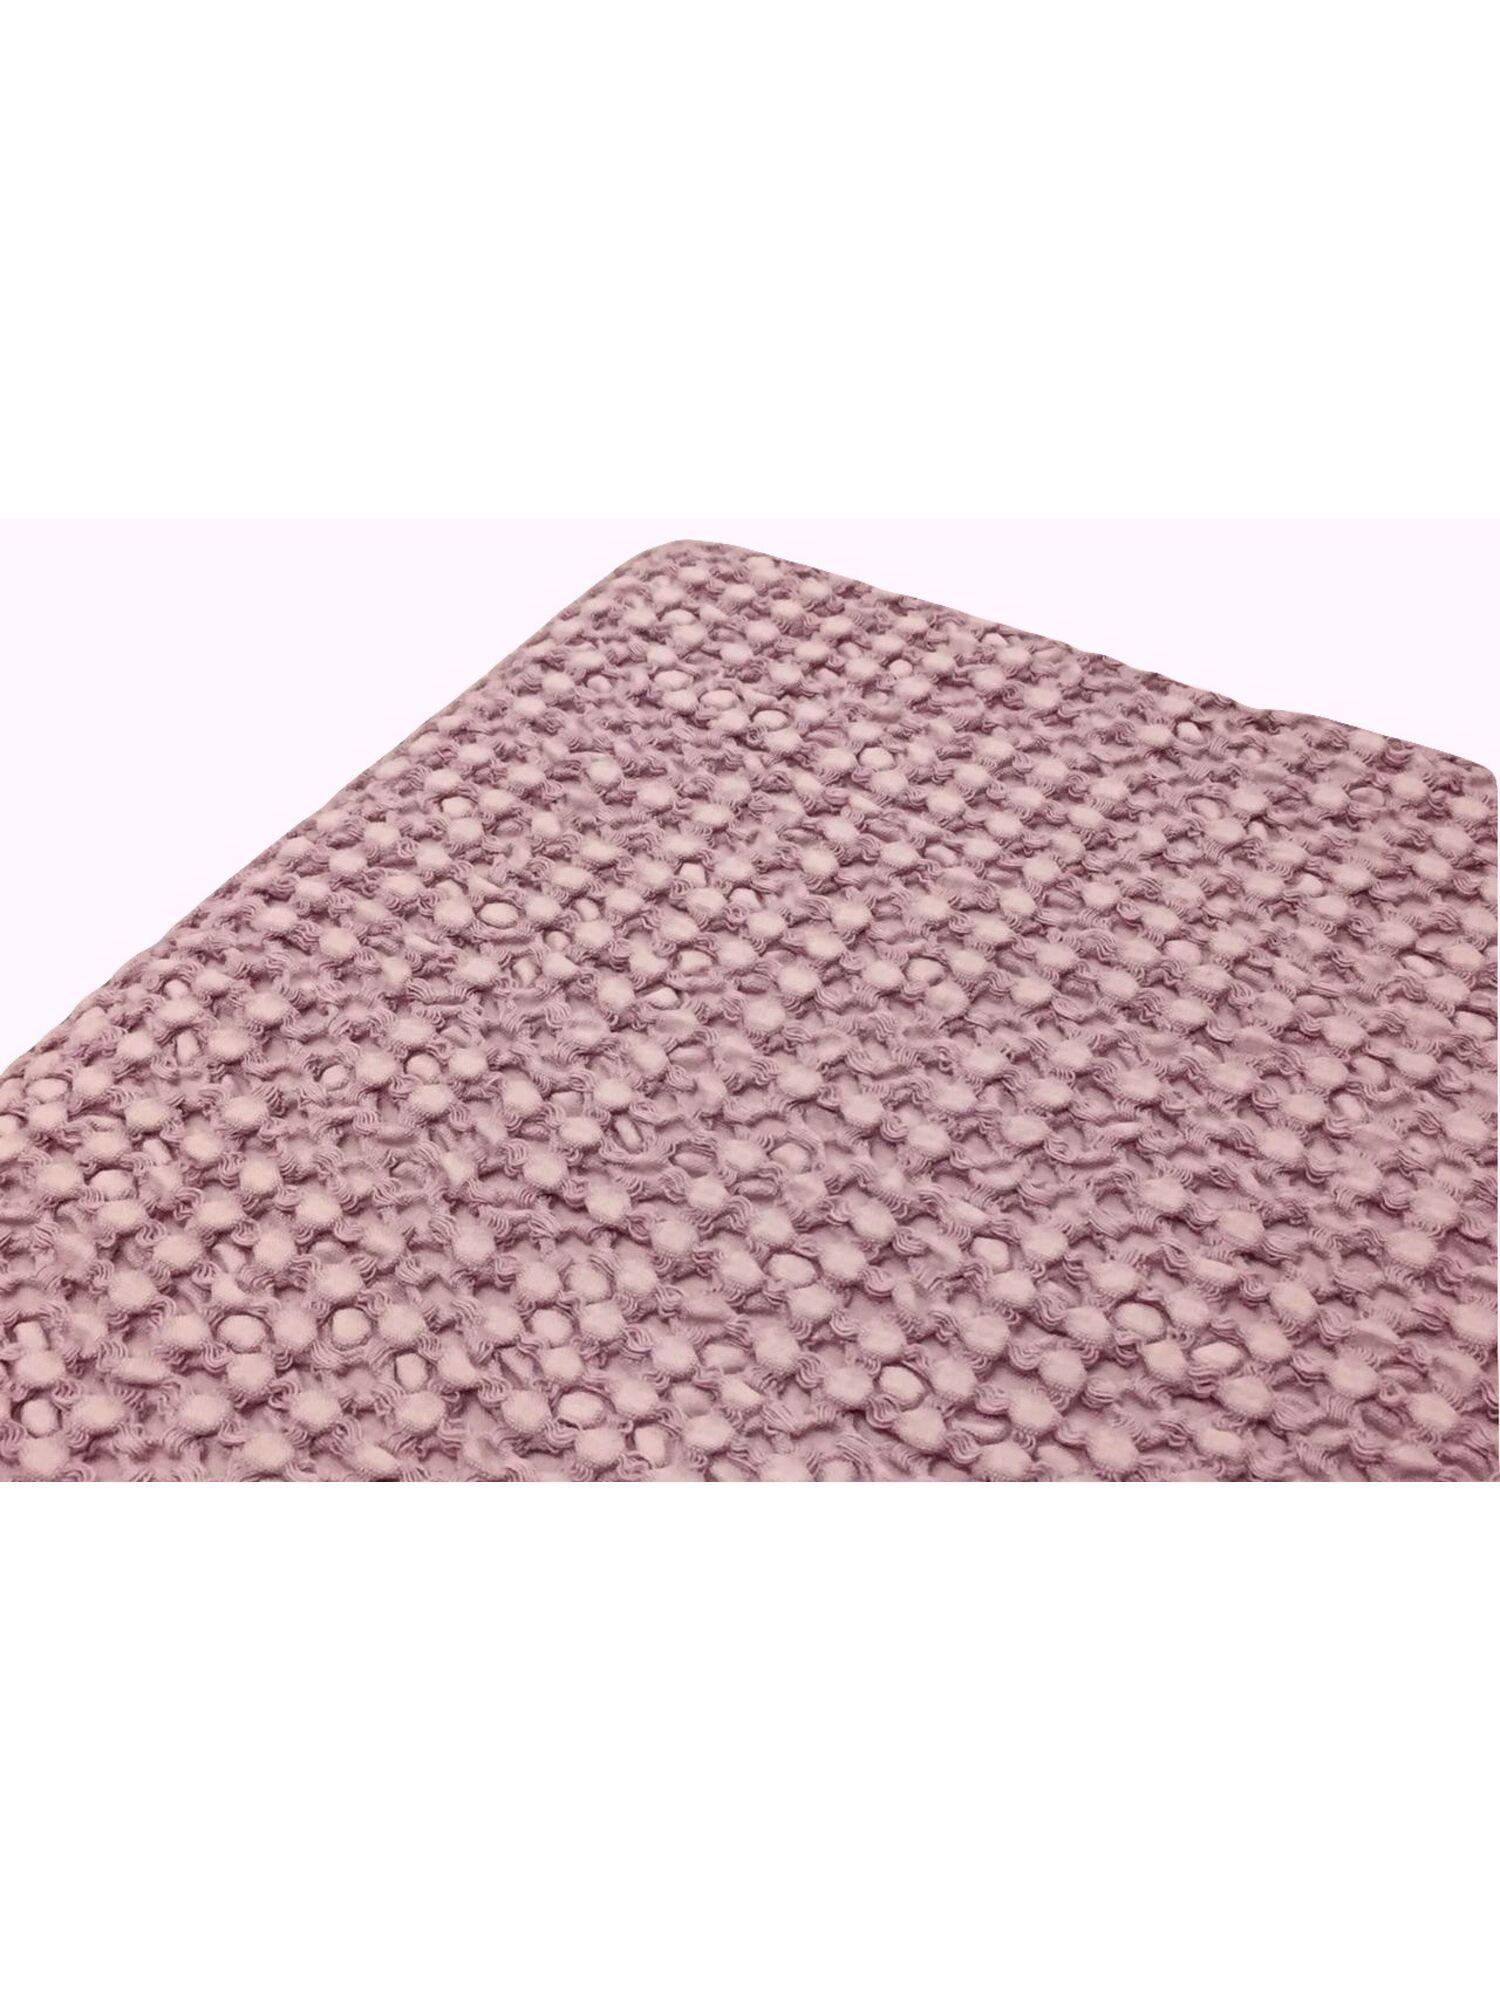 Плед вафельный SIMONA с кисточками, натуральный хлопок,130*150, фиолетовый, MAISON D`OR